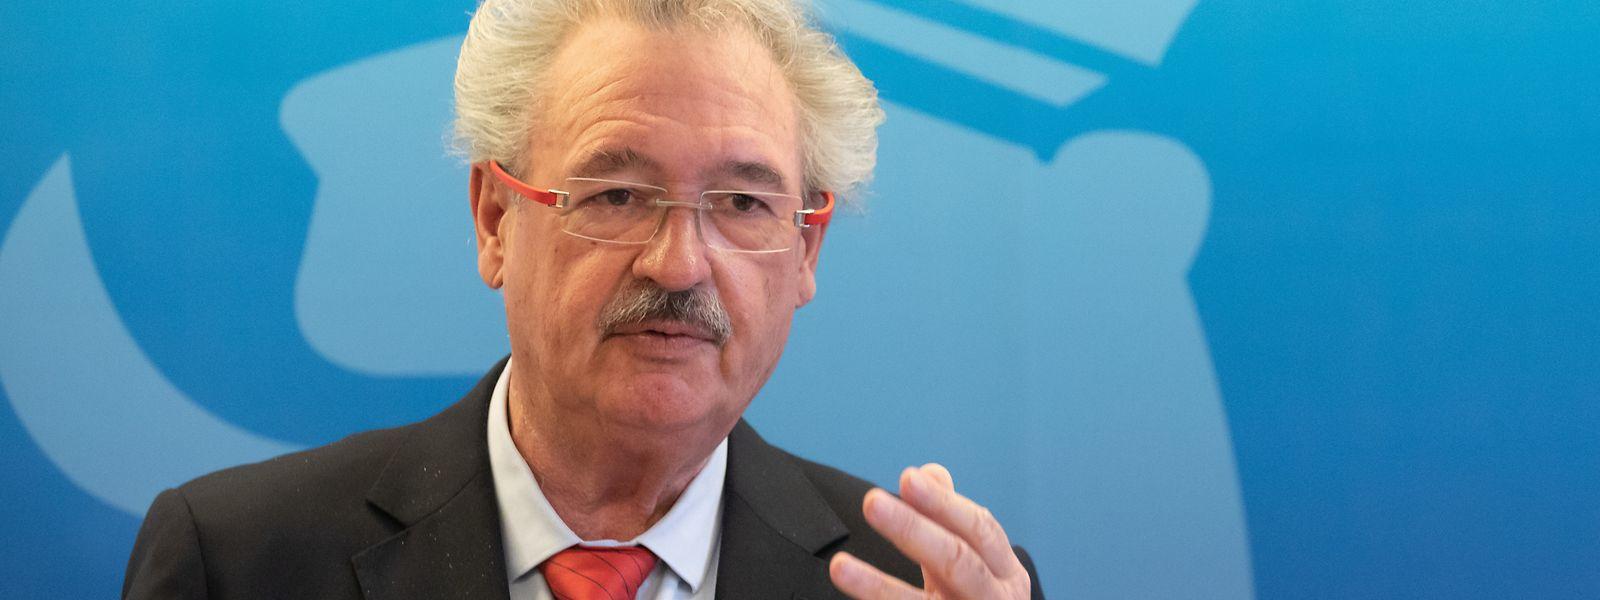 Außenminister Jean Asselborn verurteilt den Angriff auf das Kapitol scharf.